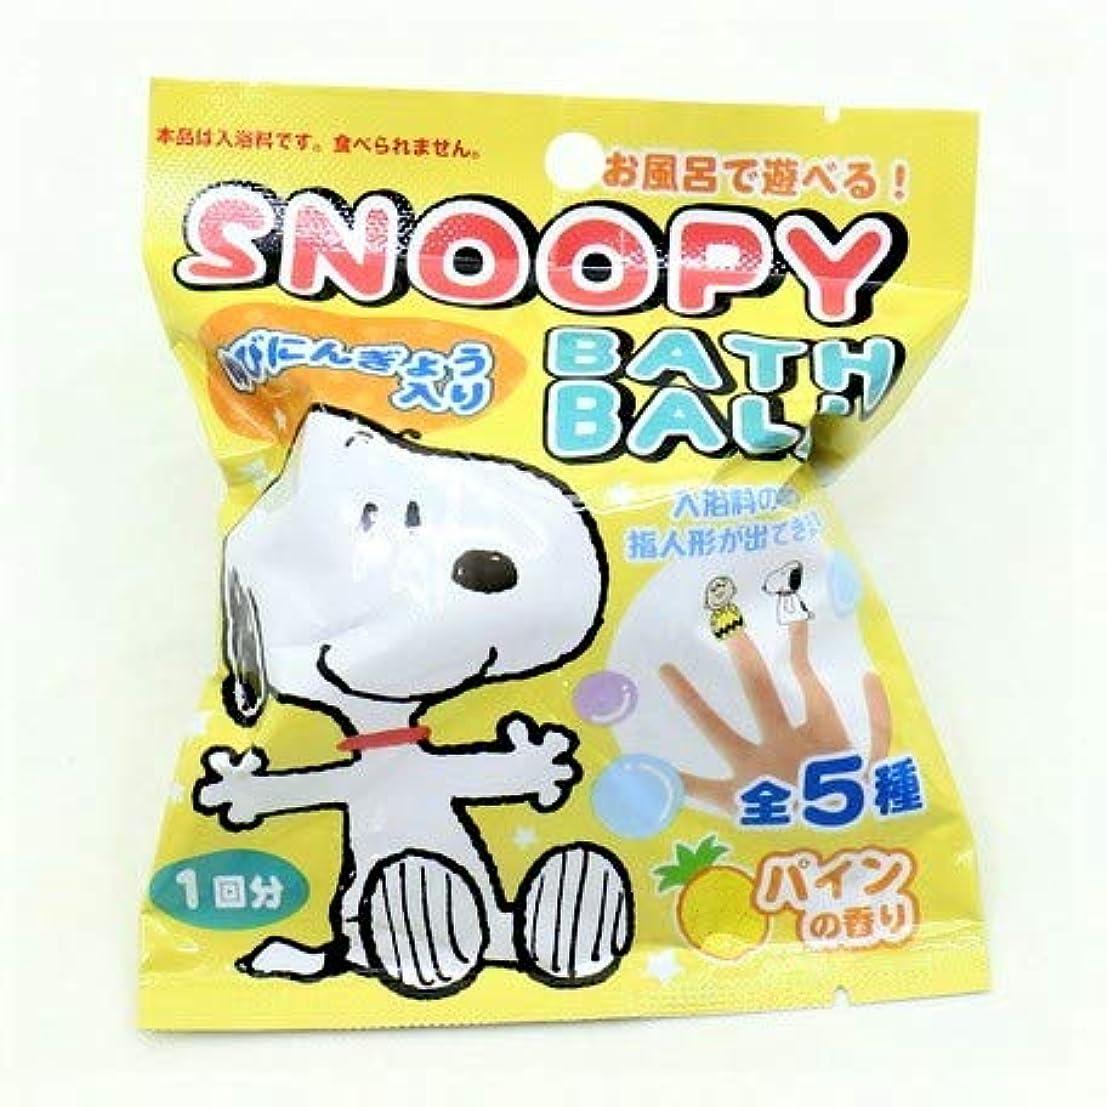 風景弱めるメトロポリタンスヌーピー バスボール 入浴剤 パインの香り 6個1セット 指人形 Snoopy